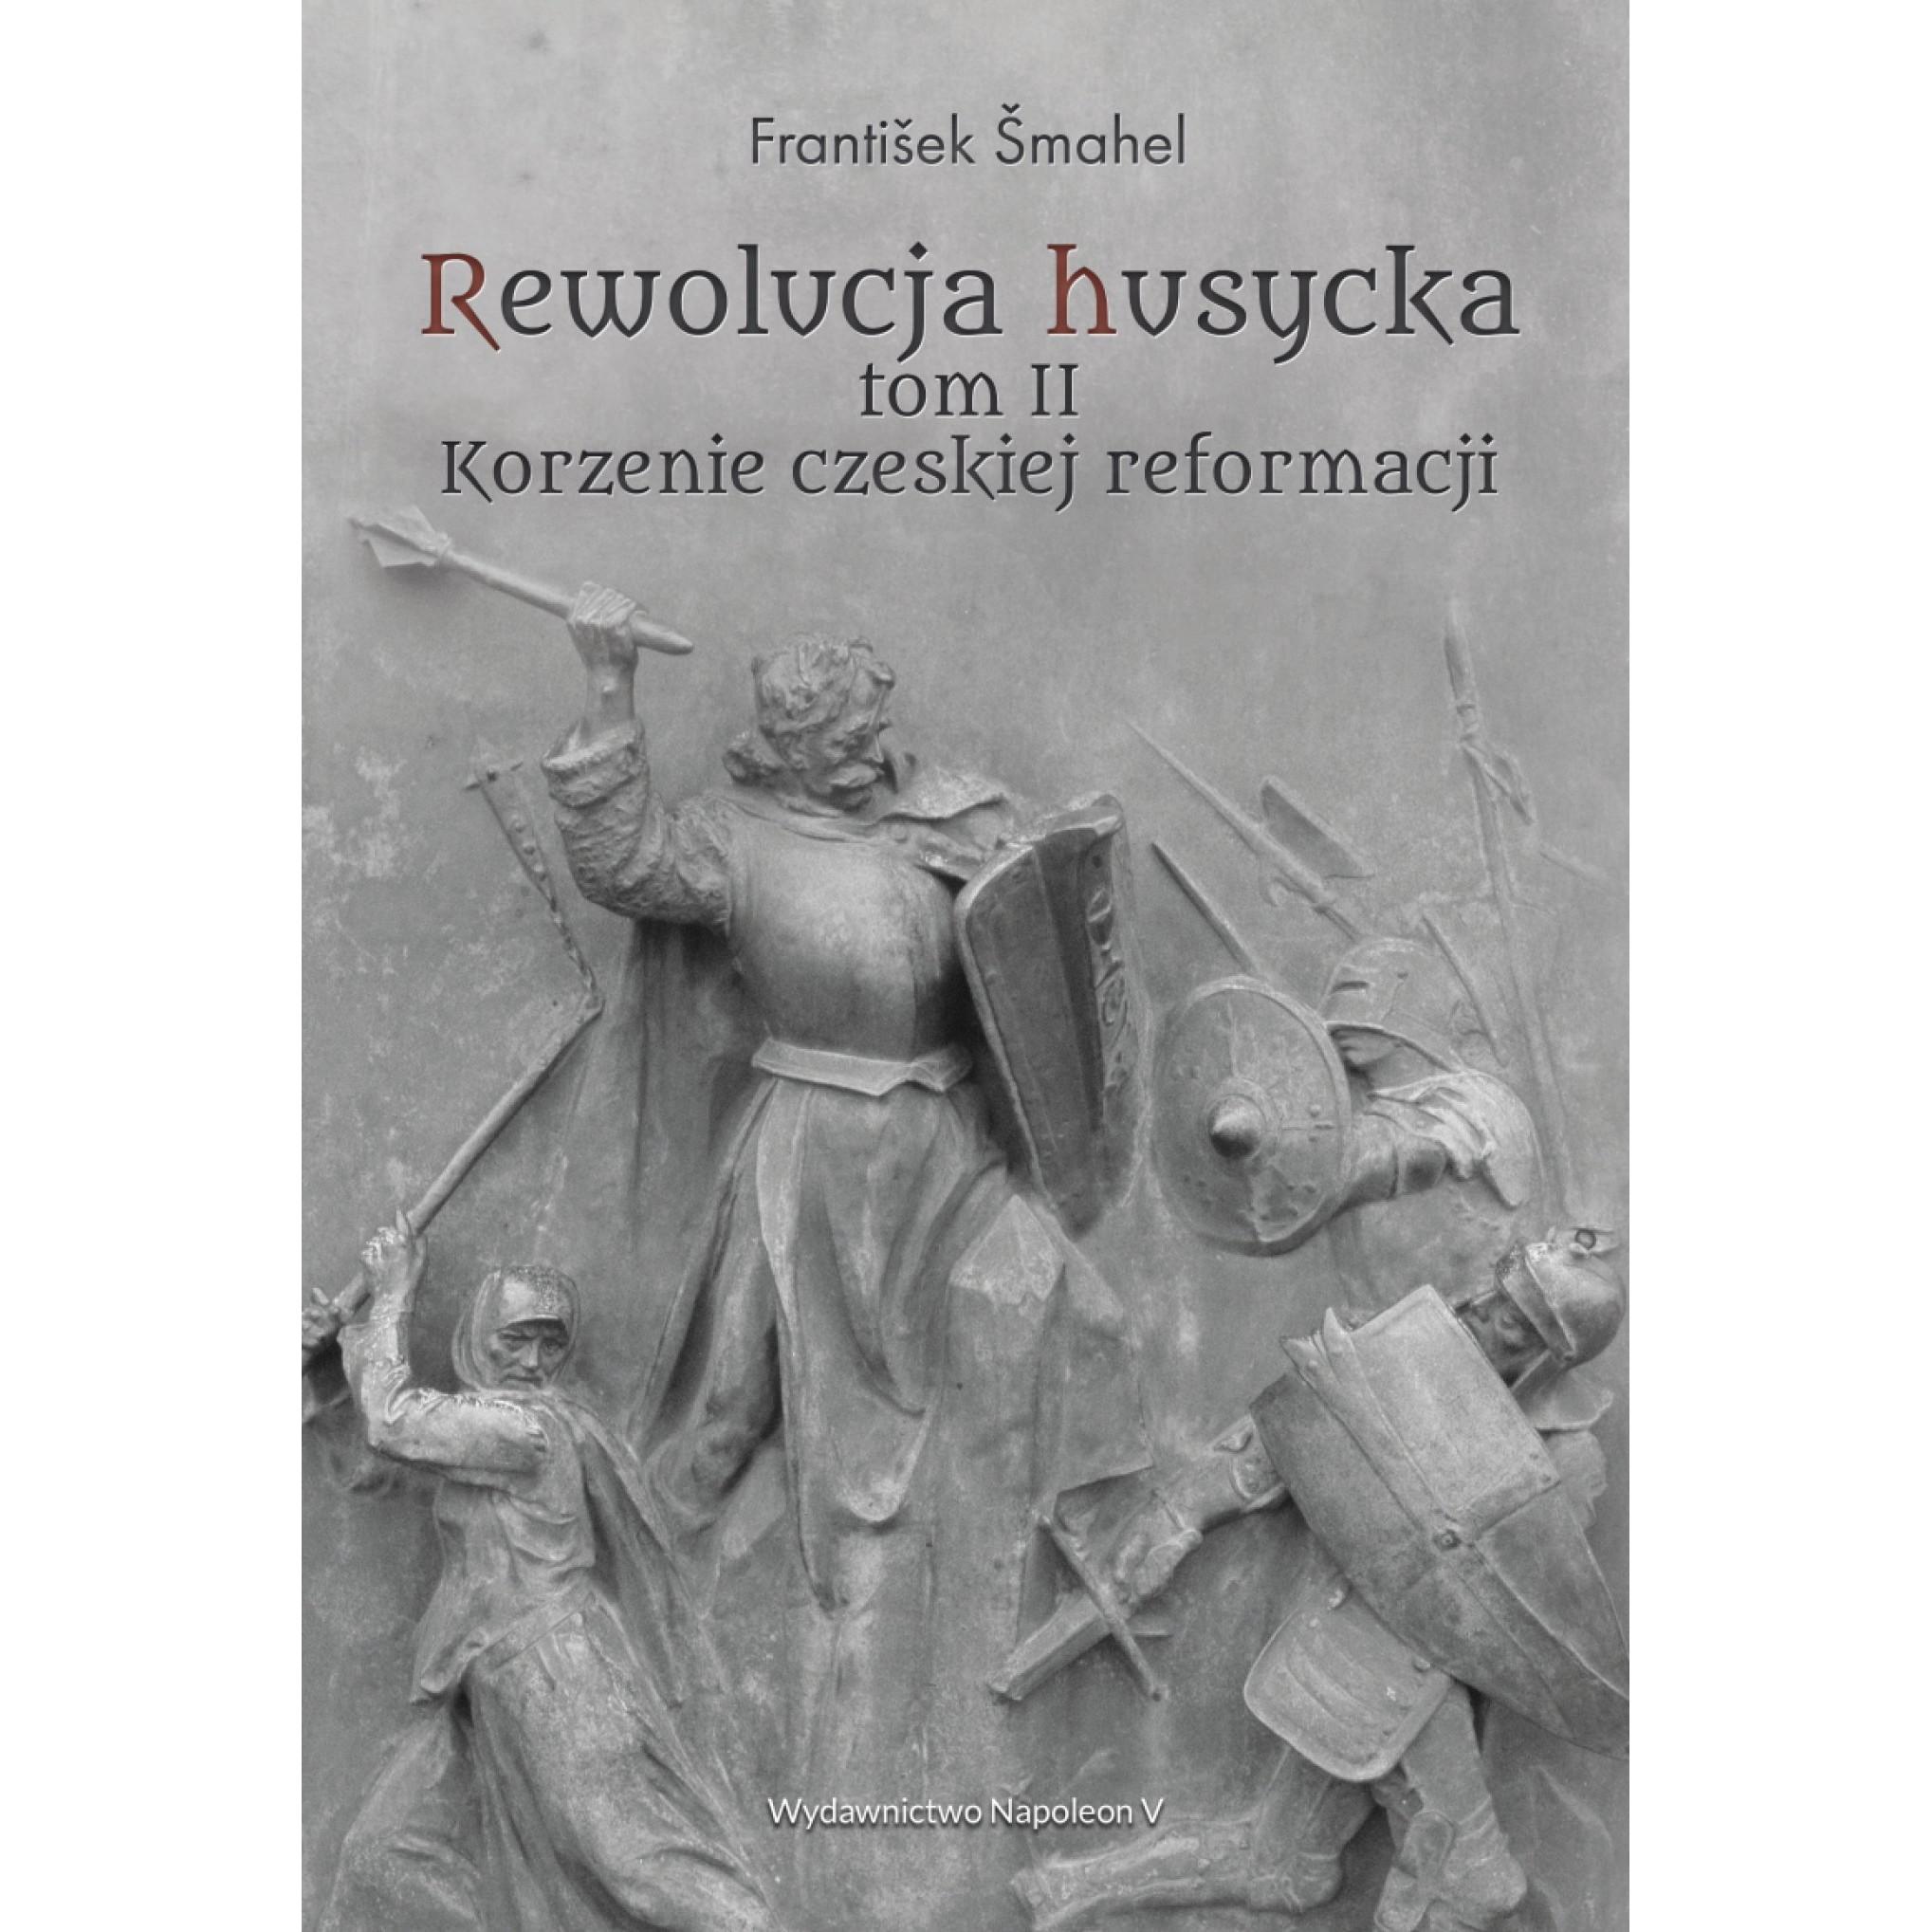 Rewolucja husycka tom II Korzenie czeskiej reformacji